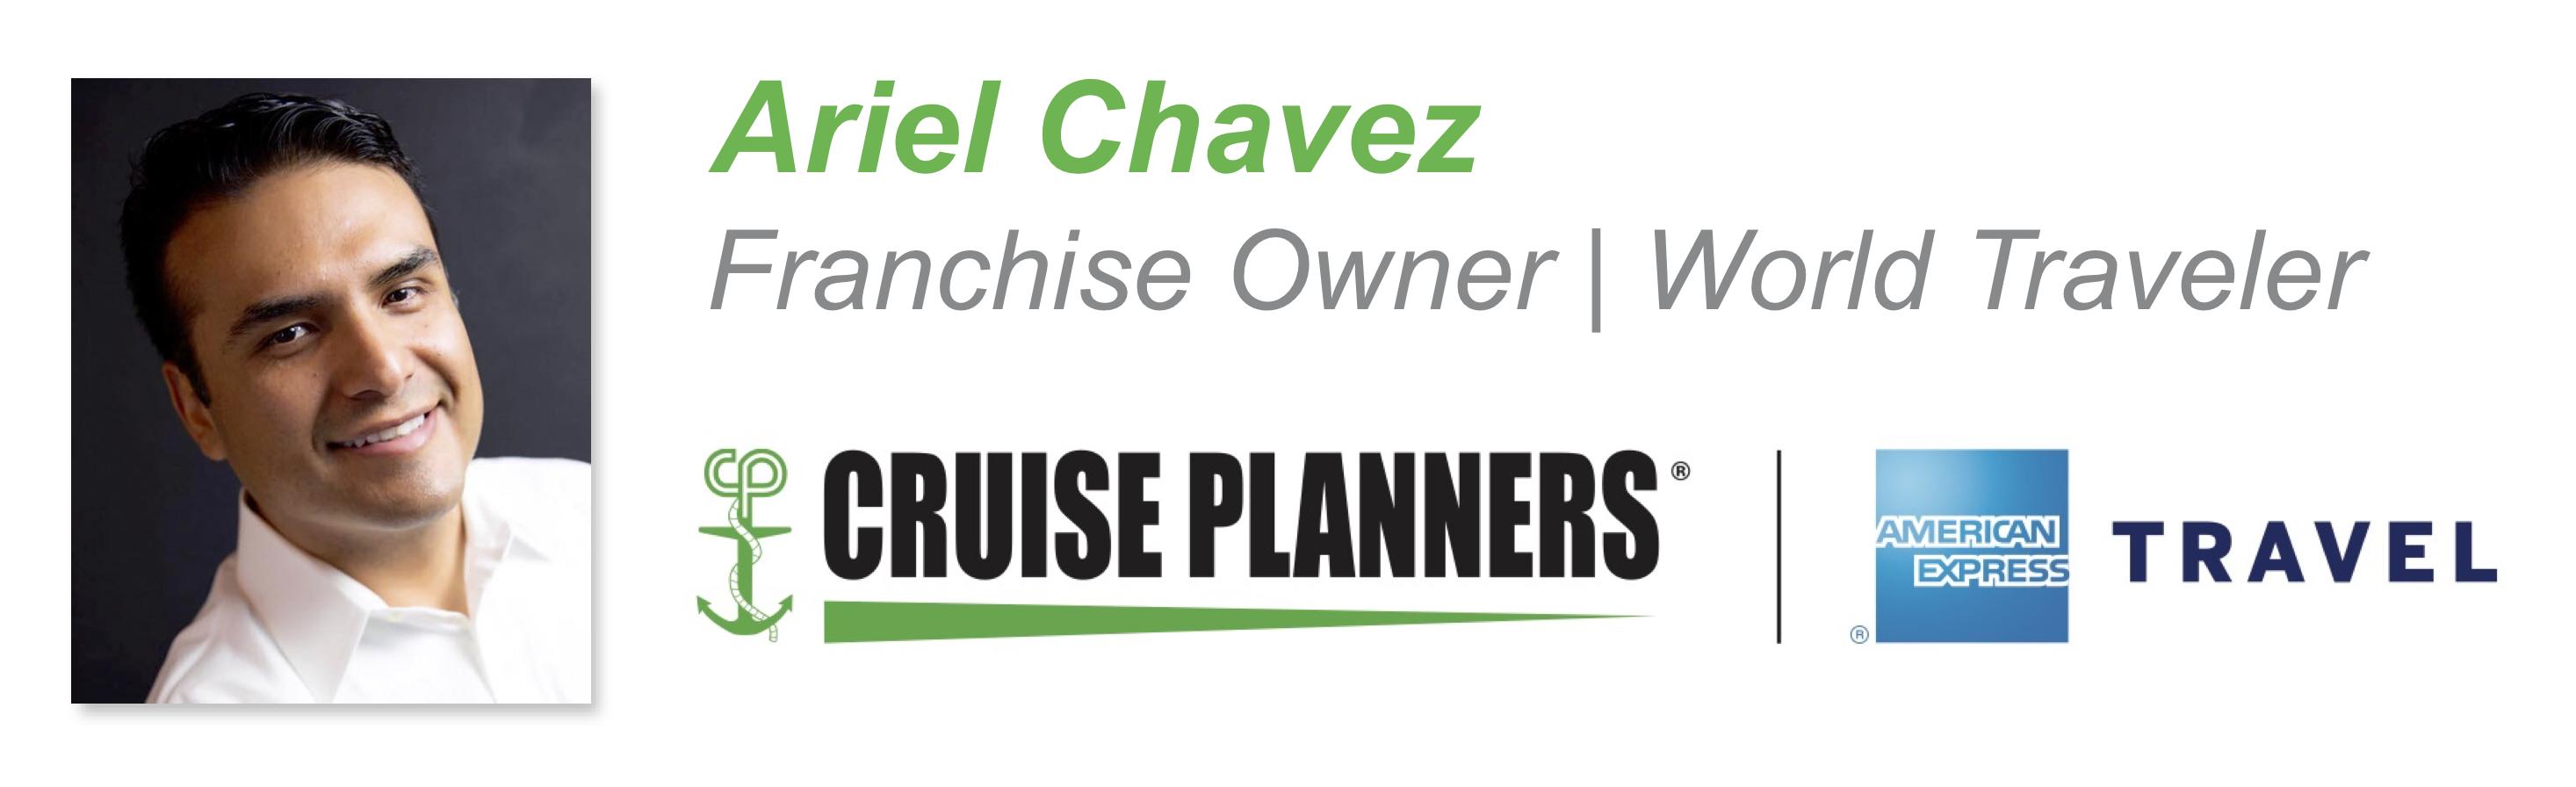 Ariel Chavez